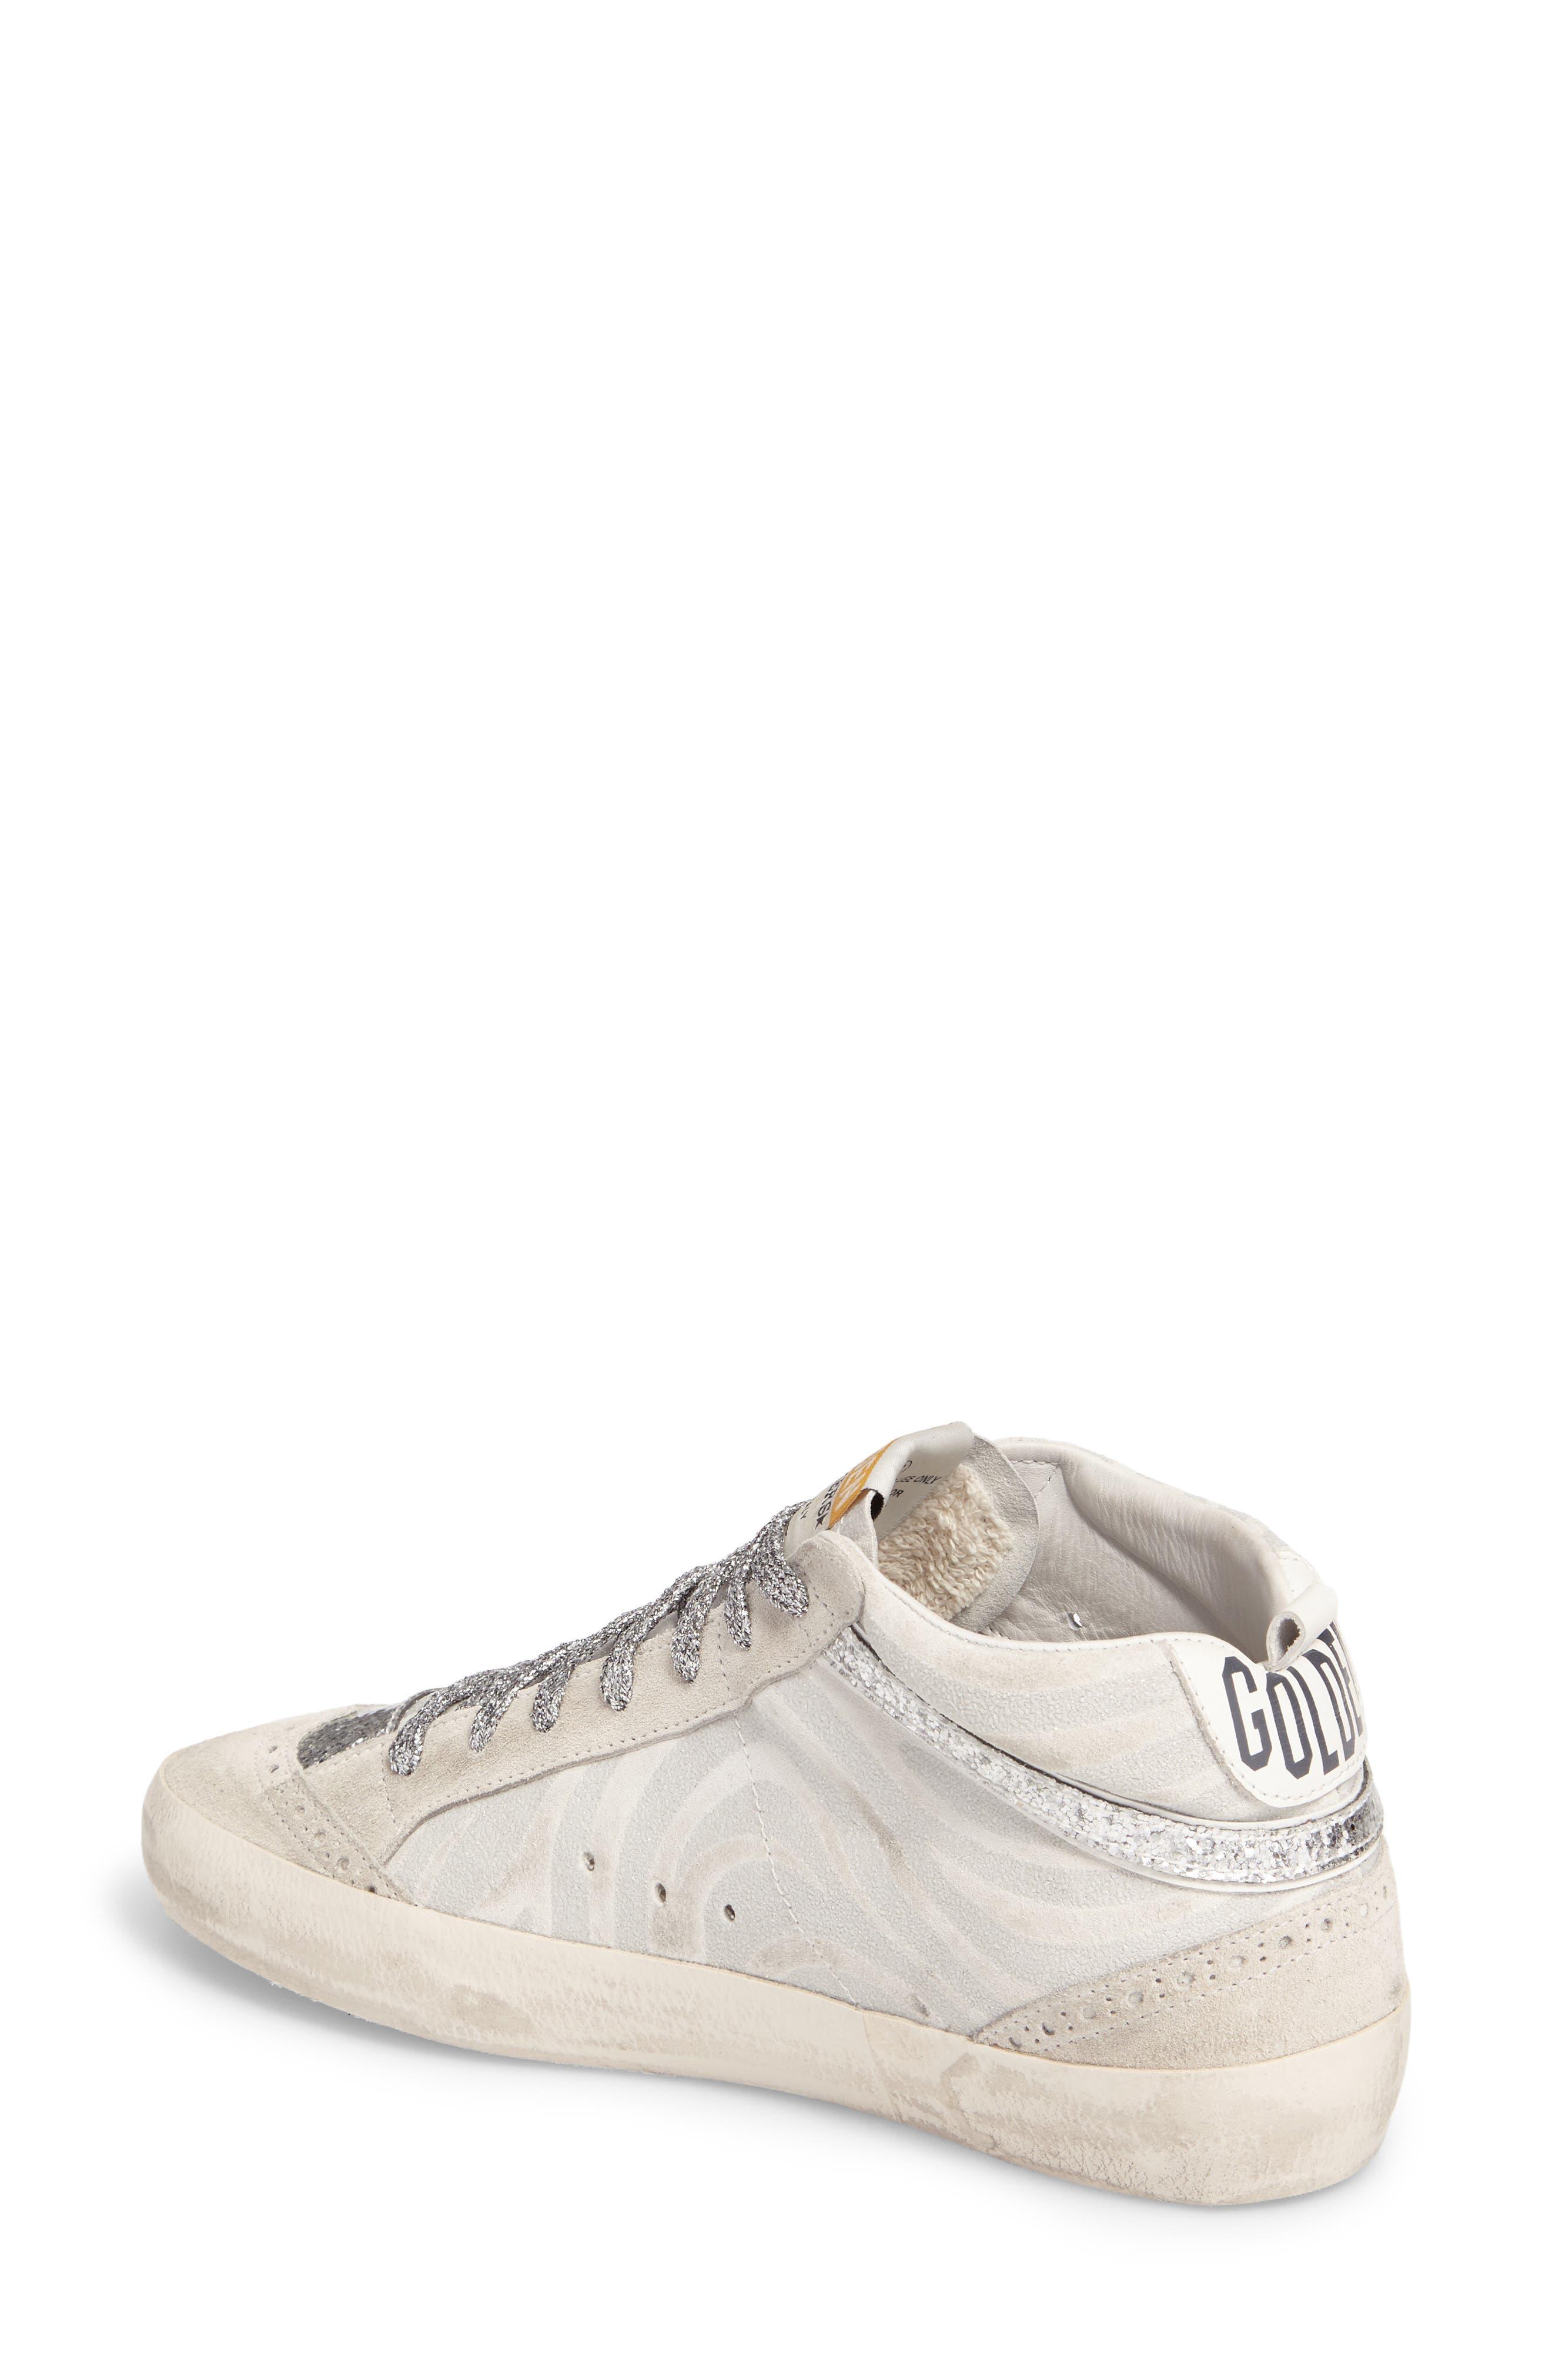 Star Mid Top Sneaker,                             Alternate thumbnail 2, color,                             White Zebra